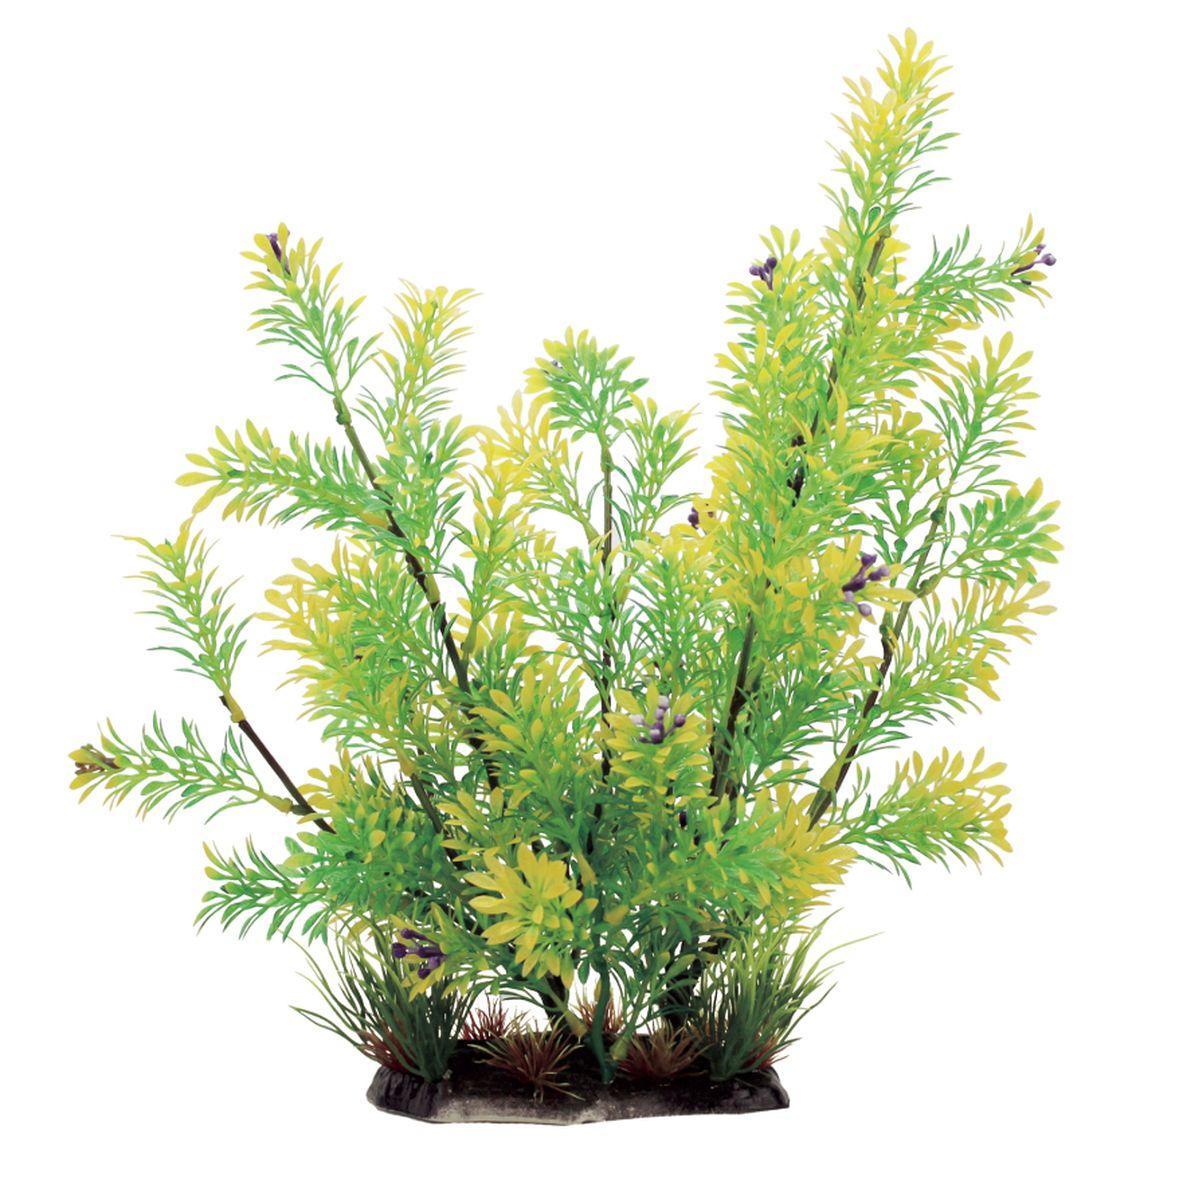 Растение для аквариума ArtUniq Ротала зеленая, высота 35 см12171996Композиция из искусственных растений ArtUniq превосходно украсит и оживит аквариум.Растения - это важная часть любой композиции, они помогут вдохнуть жизнь в ландшафт любого аквариума или террариума. А их сходствос природными порадует даже самых взыскательных ценителей.